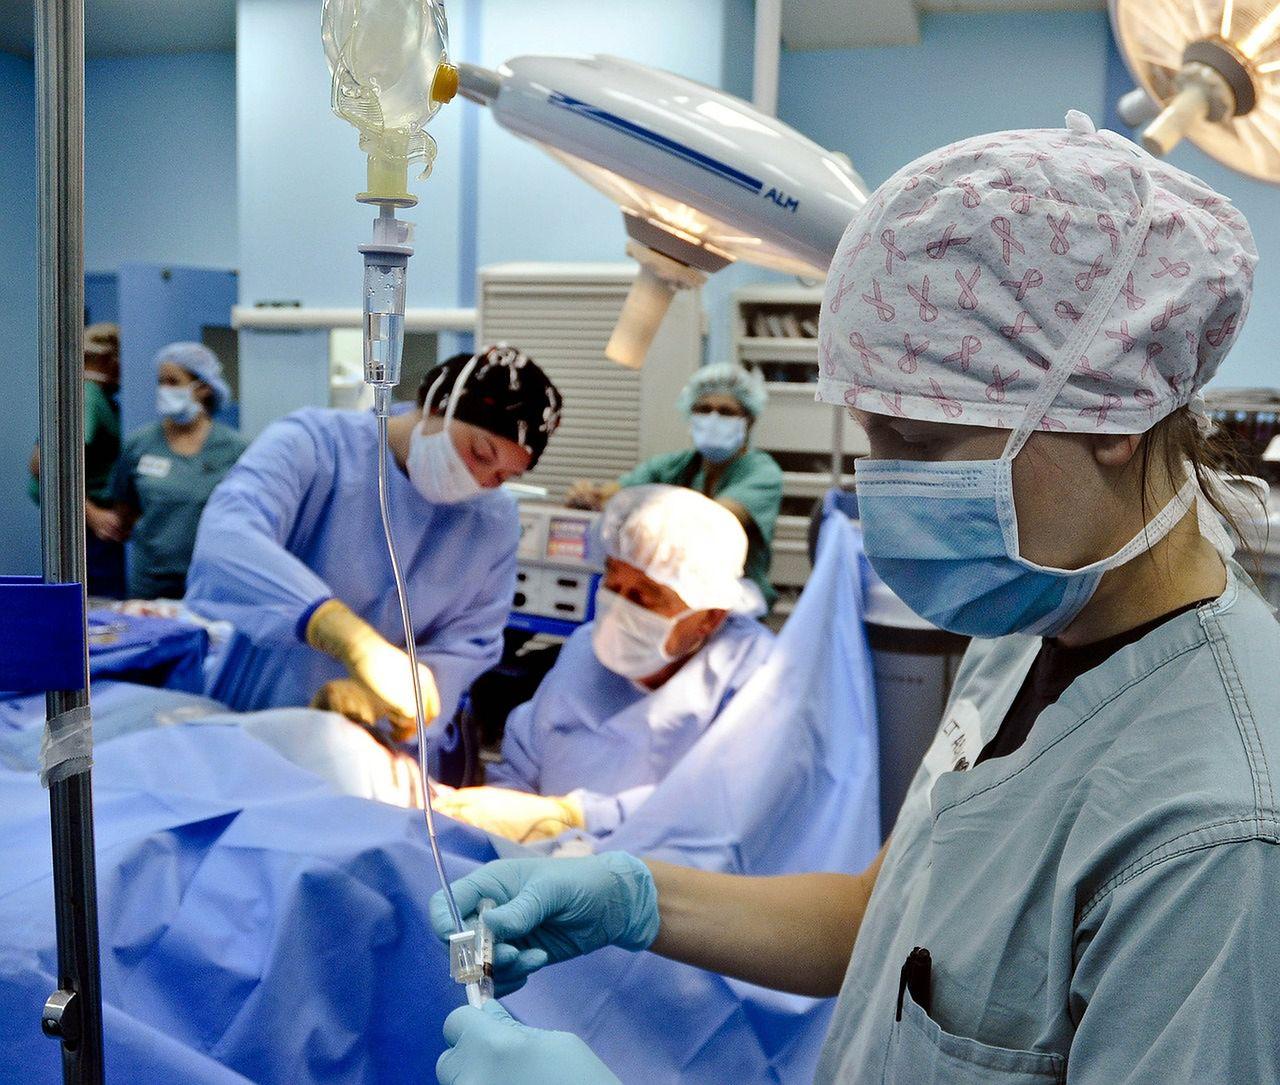 erekcja podczas operacji montaż hormonów kobiet